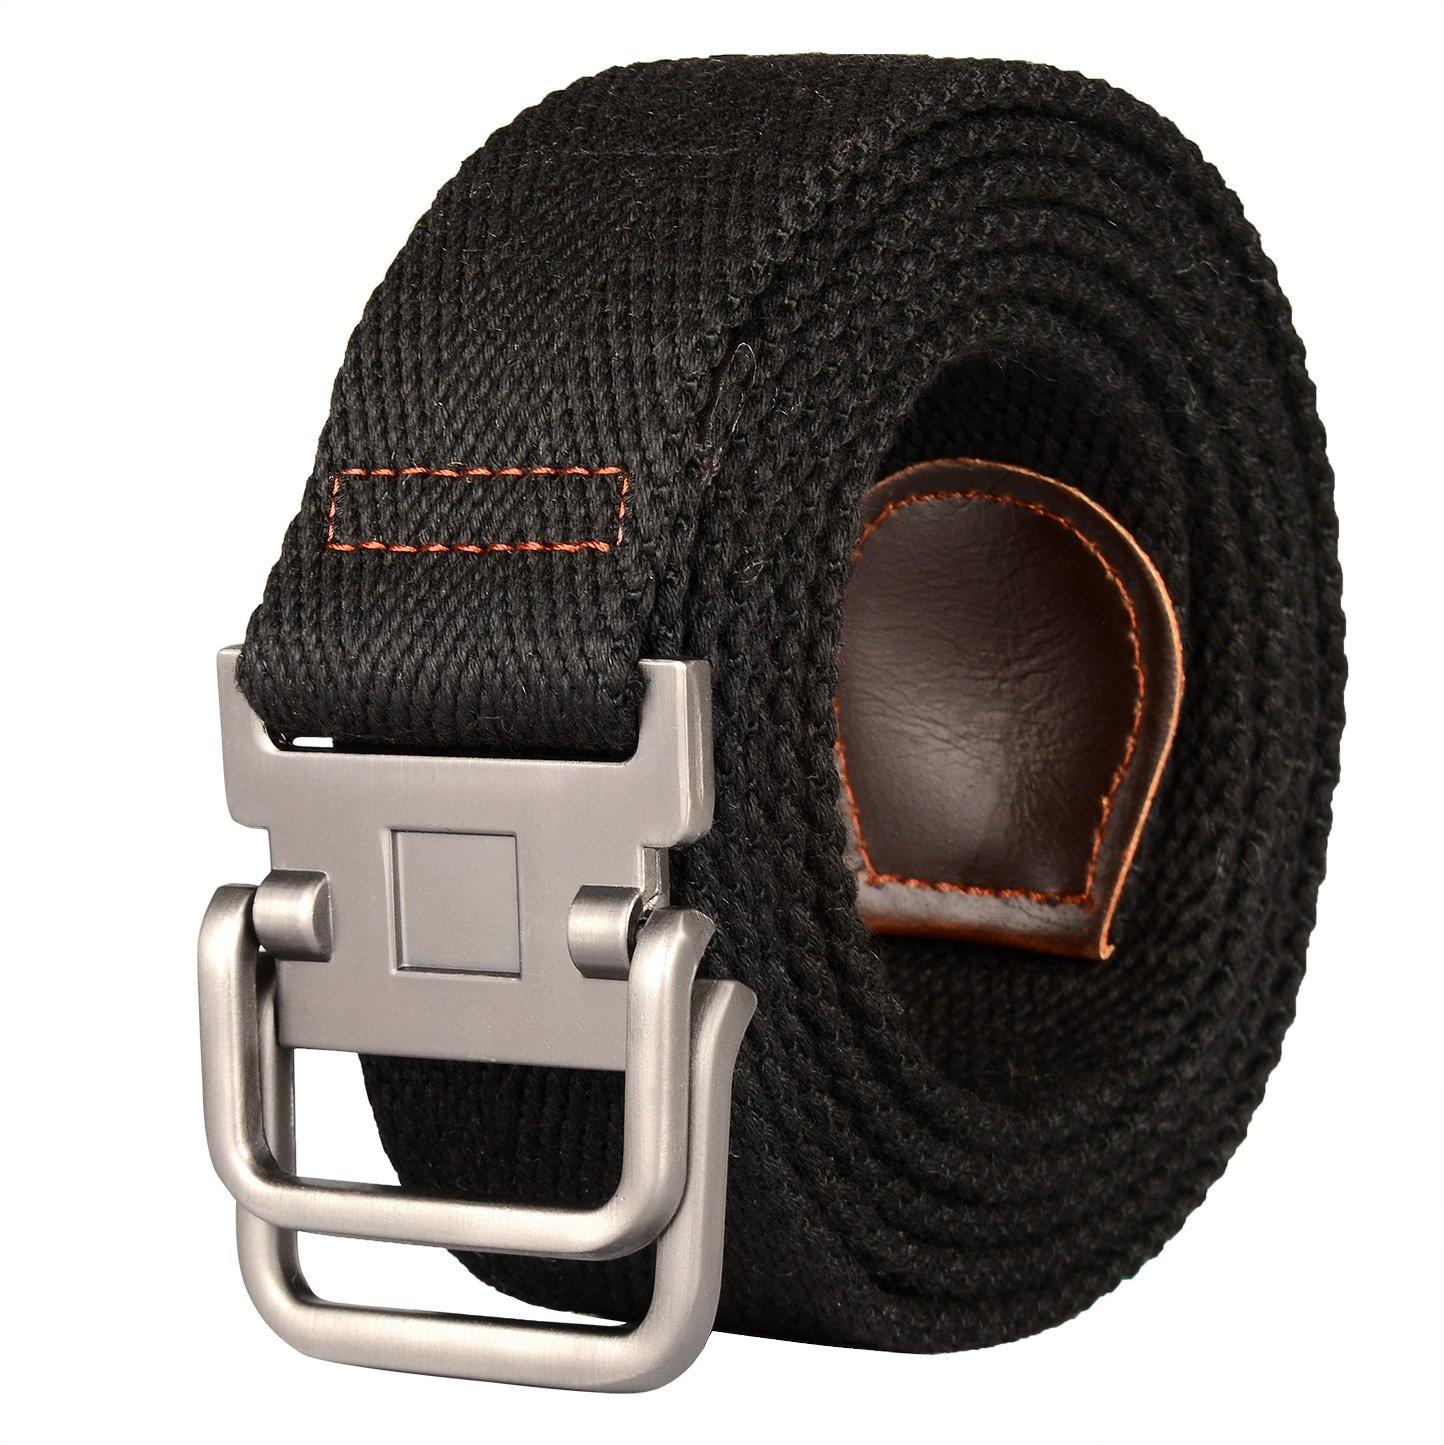 Drizzte 59'' Long Plus Size Double D Ring Mens Canvas Web Belt Black